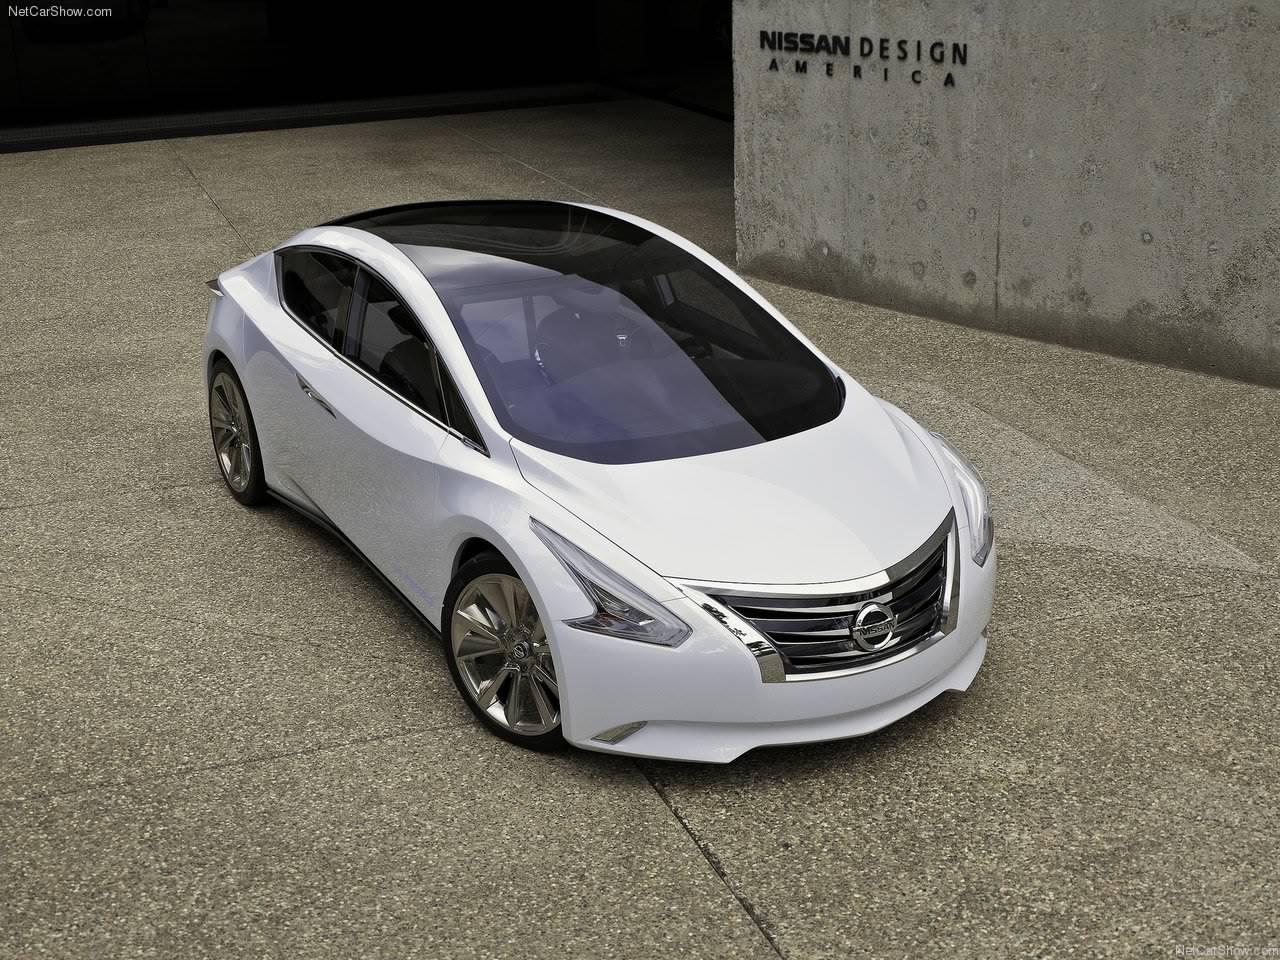 http://1.bp.blogspot.com/_lsyt_wQ2awY/TOrsd_Q1zAI/AAAAAAACHg8/ykO8uqHg4KQ/s1600/Nissan-Ellure_Concept_2010_1280x960_wallpaper_01.jpg